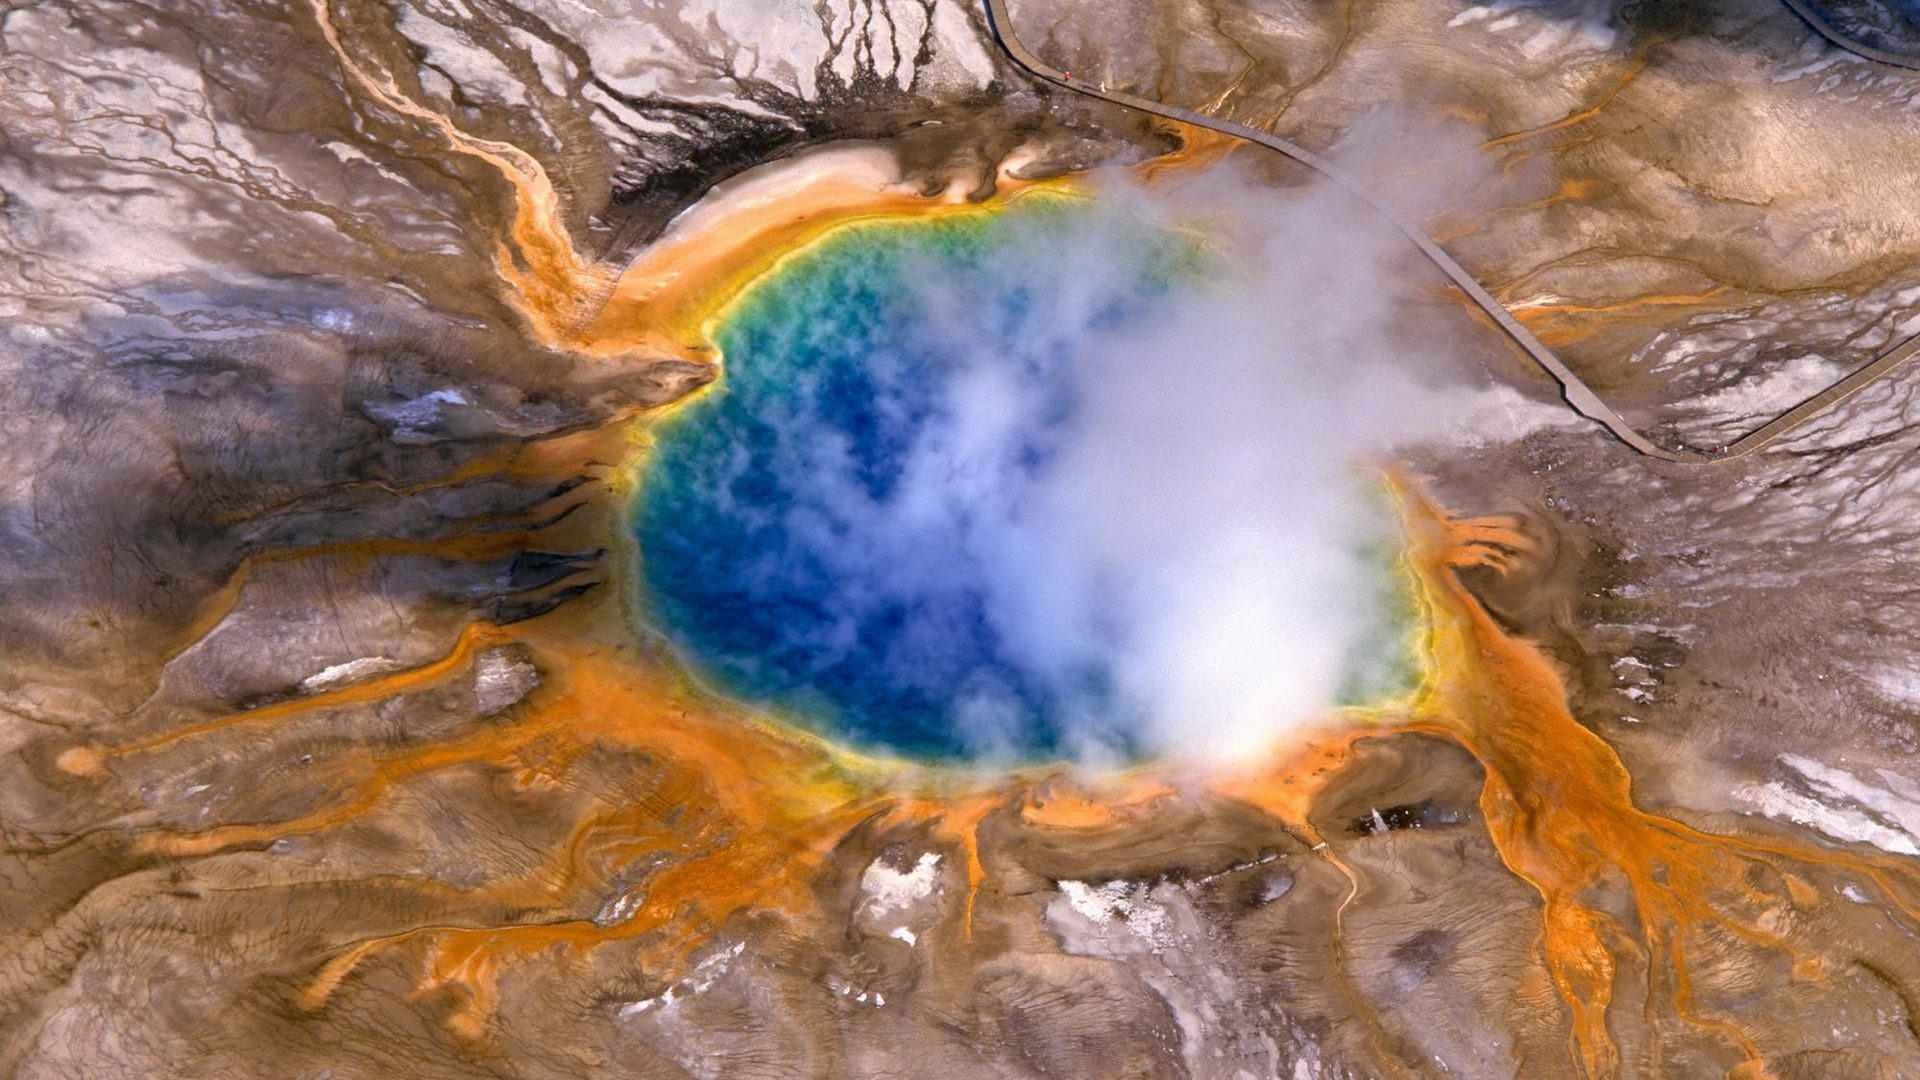 Геологи: в США есть вулканические «монстры» гораздо мощнее Йеллоустоуна